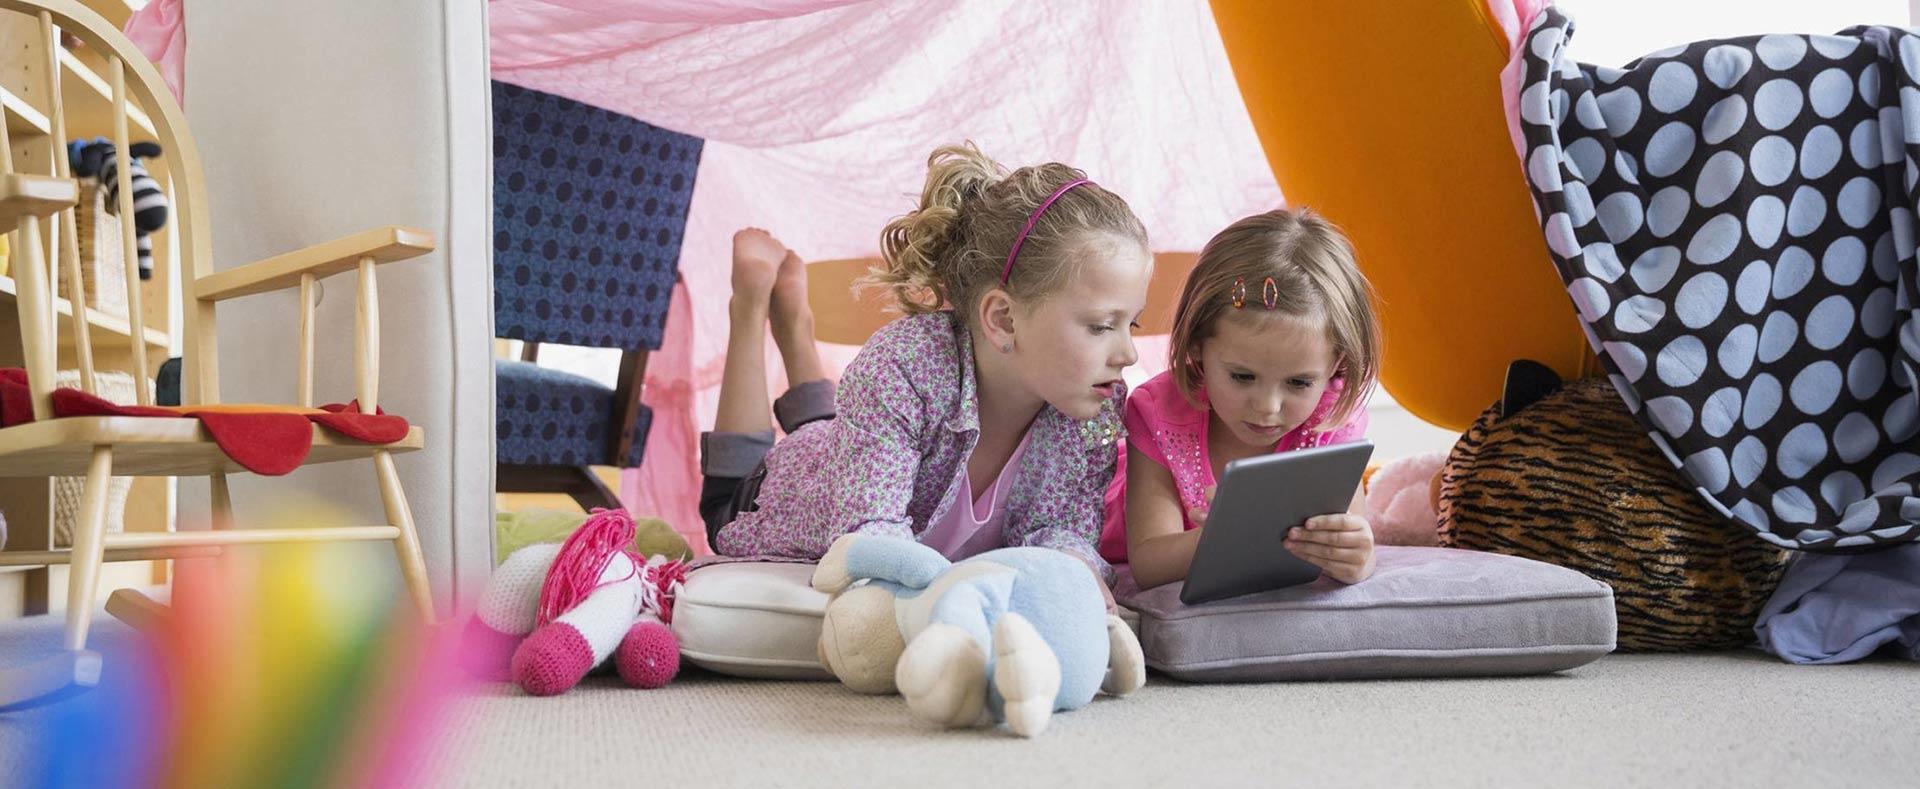 Какой детский планшет лучше для ребёнка?